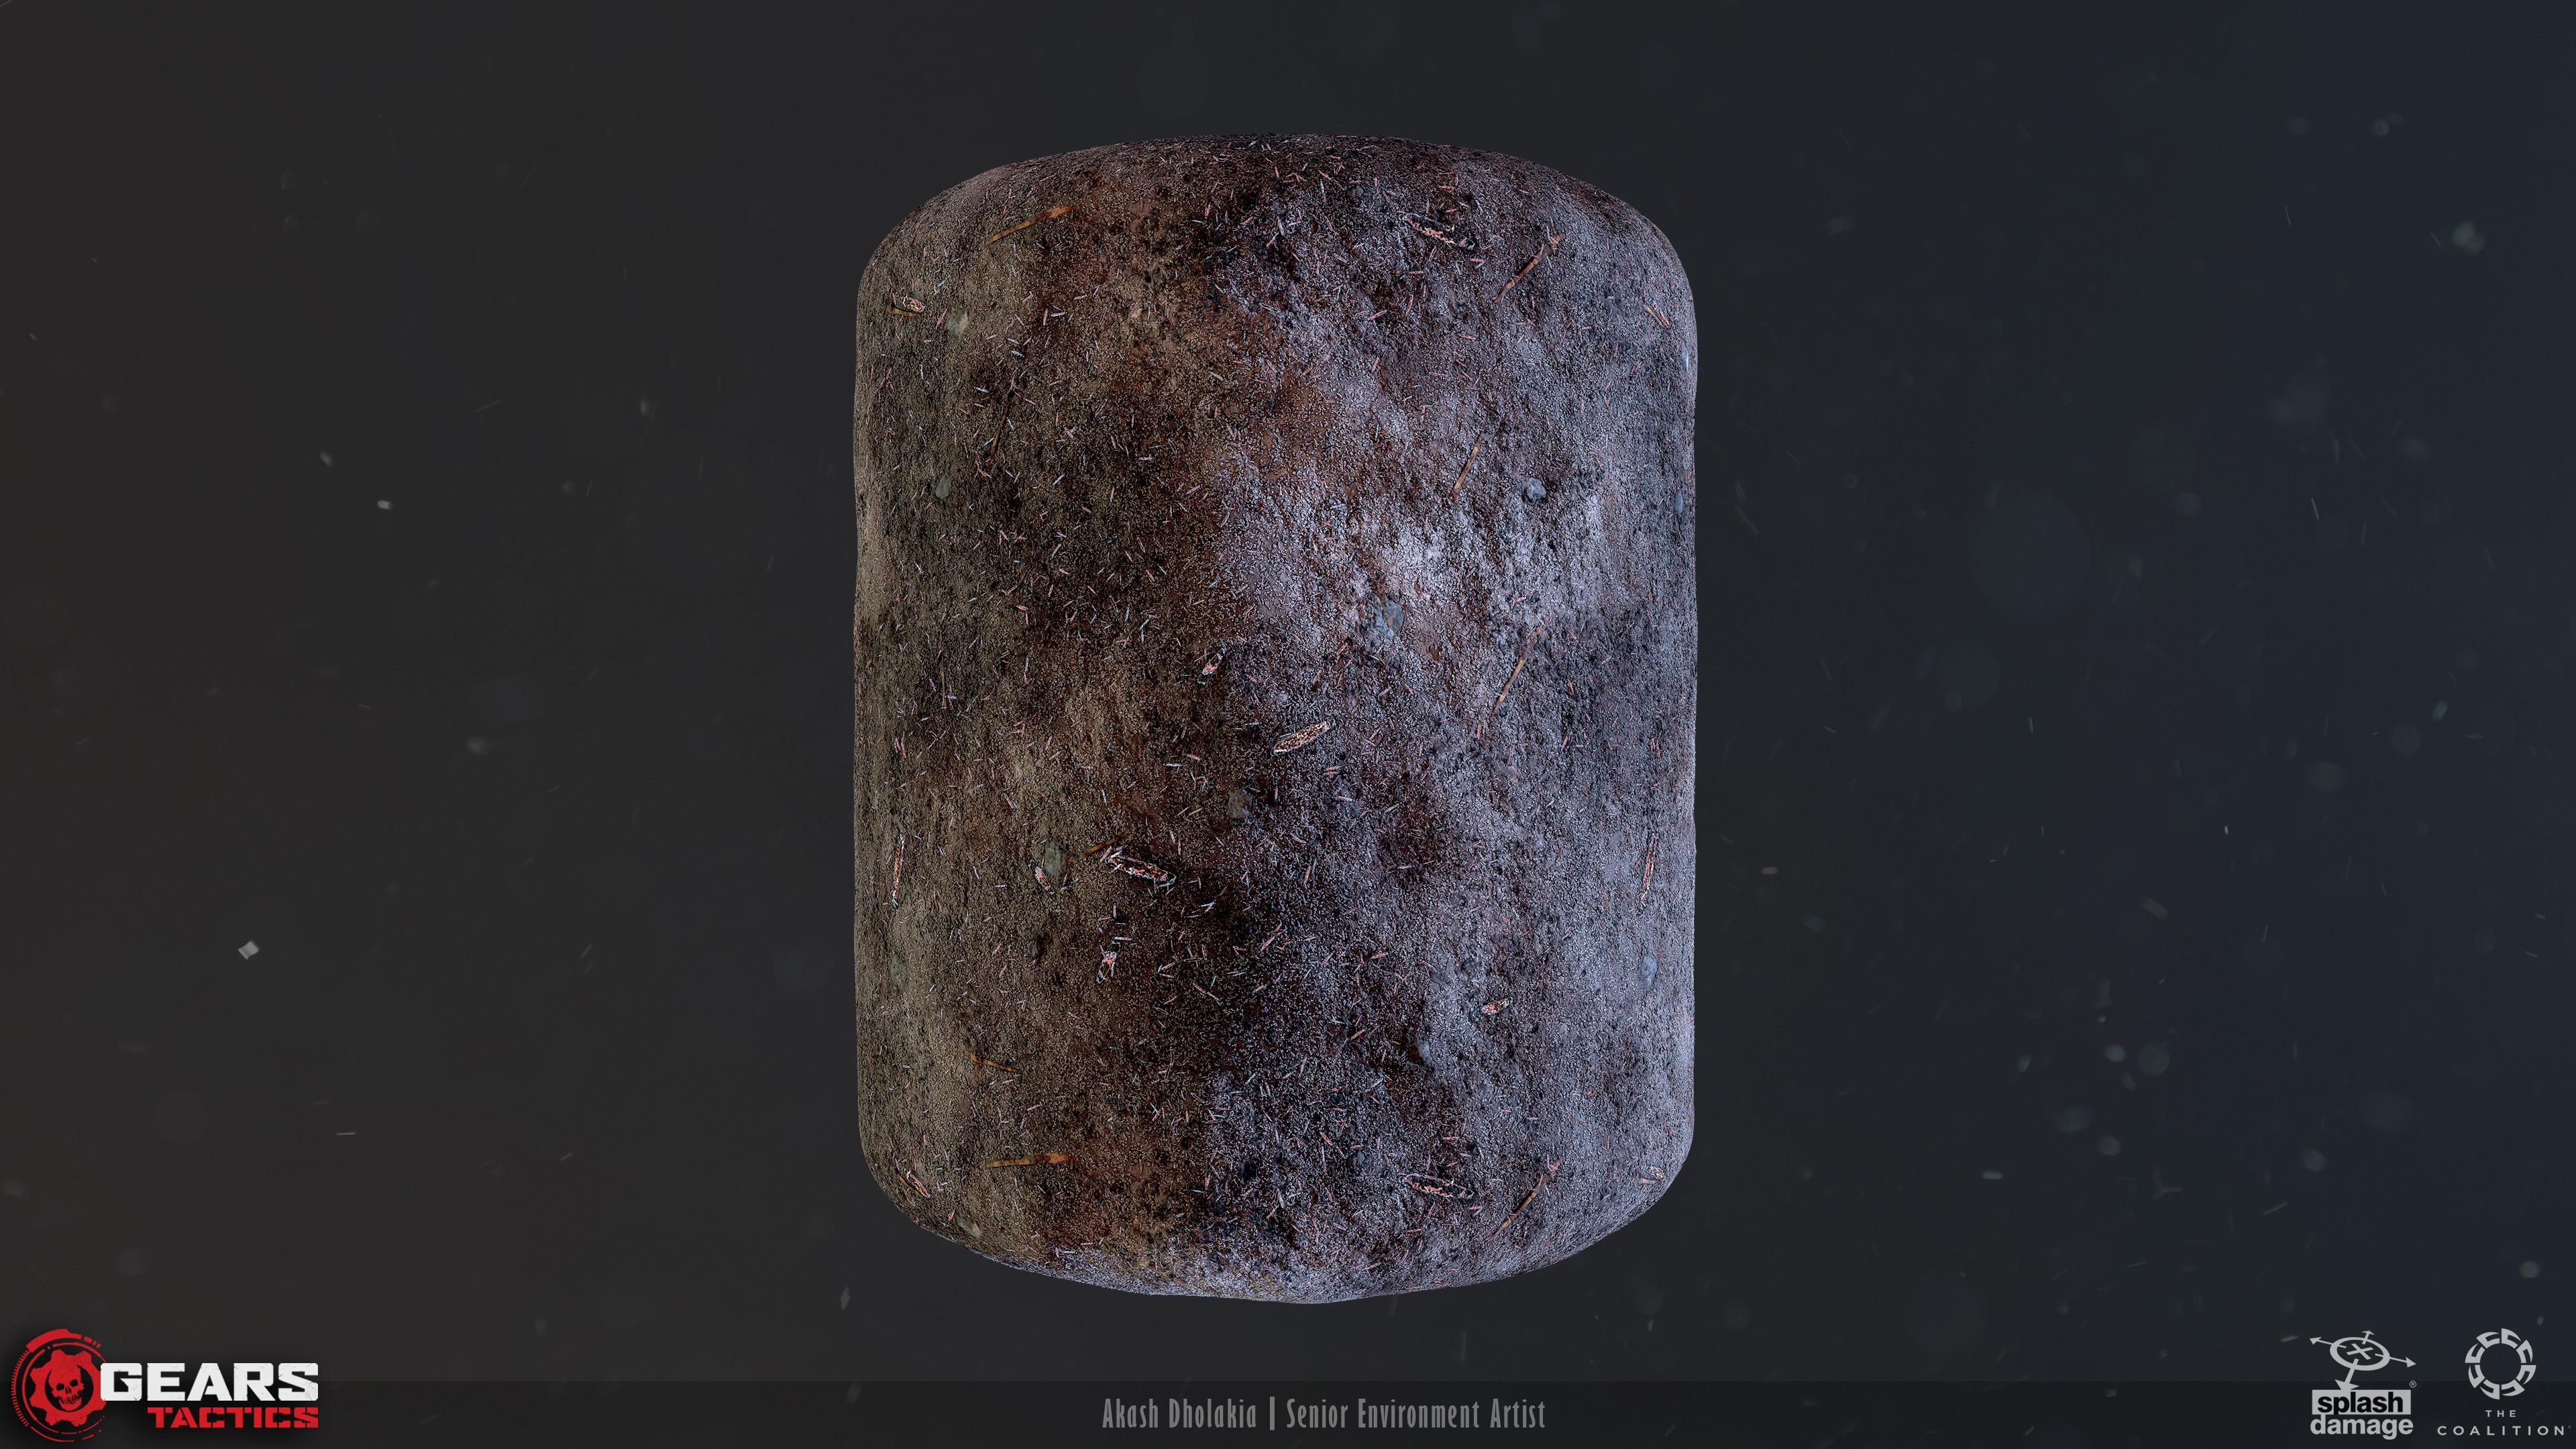 Ash with Debris